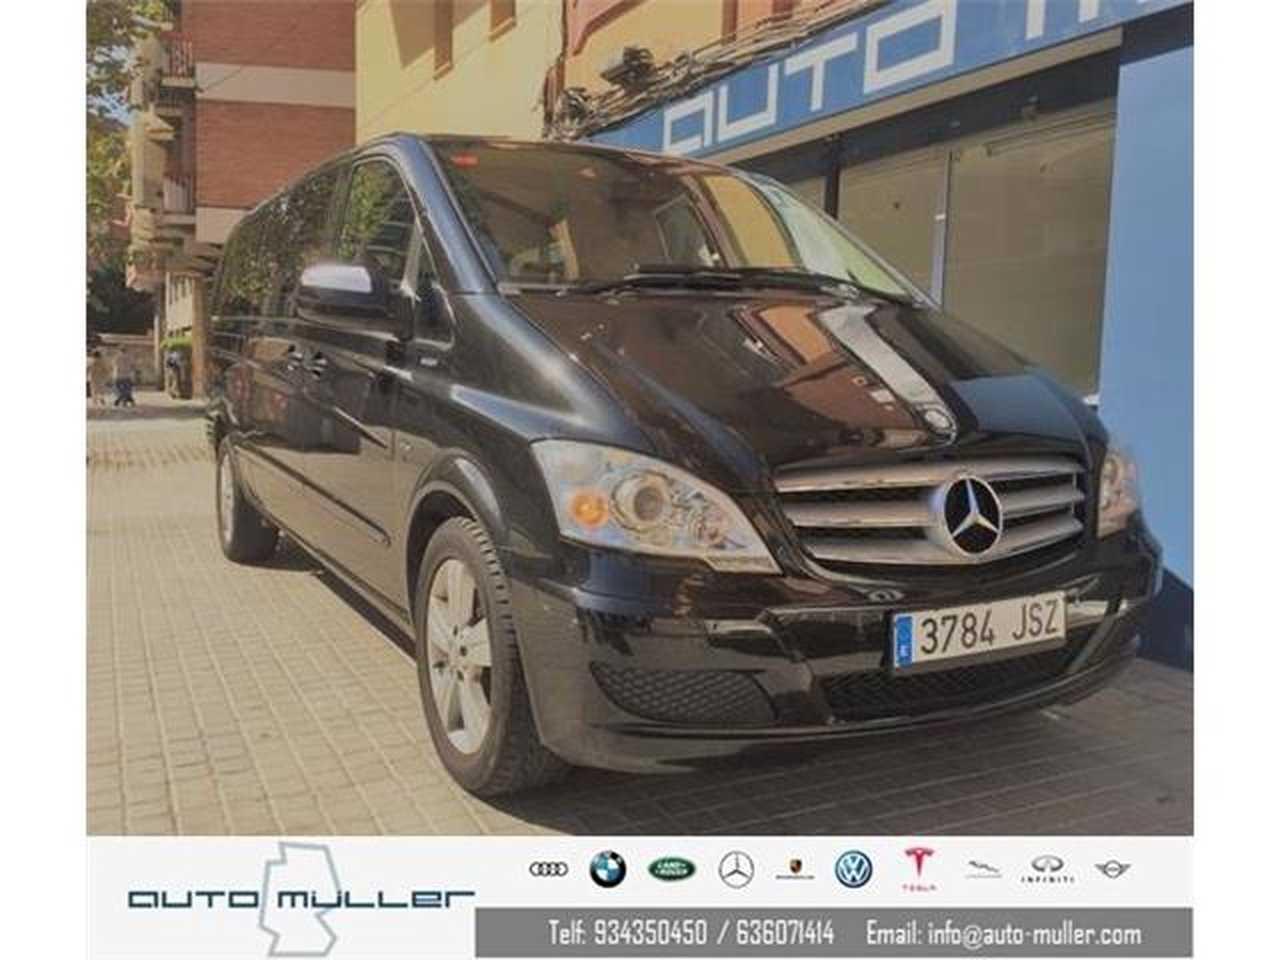 Mercedes Viano 3.0 CDI V6 Extralang Ambiente Completamente piel / Automático  - Foto 1